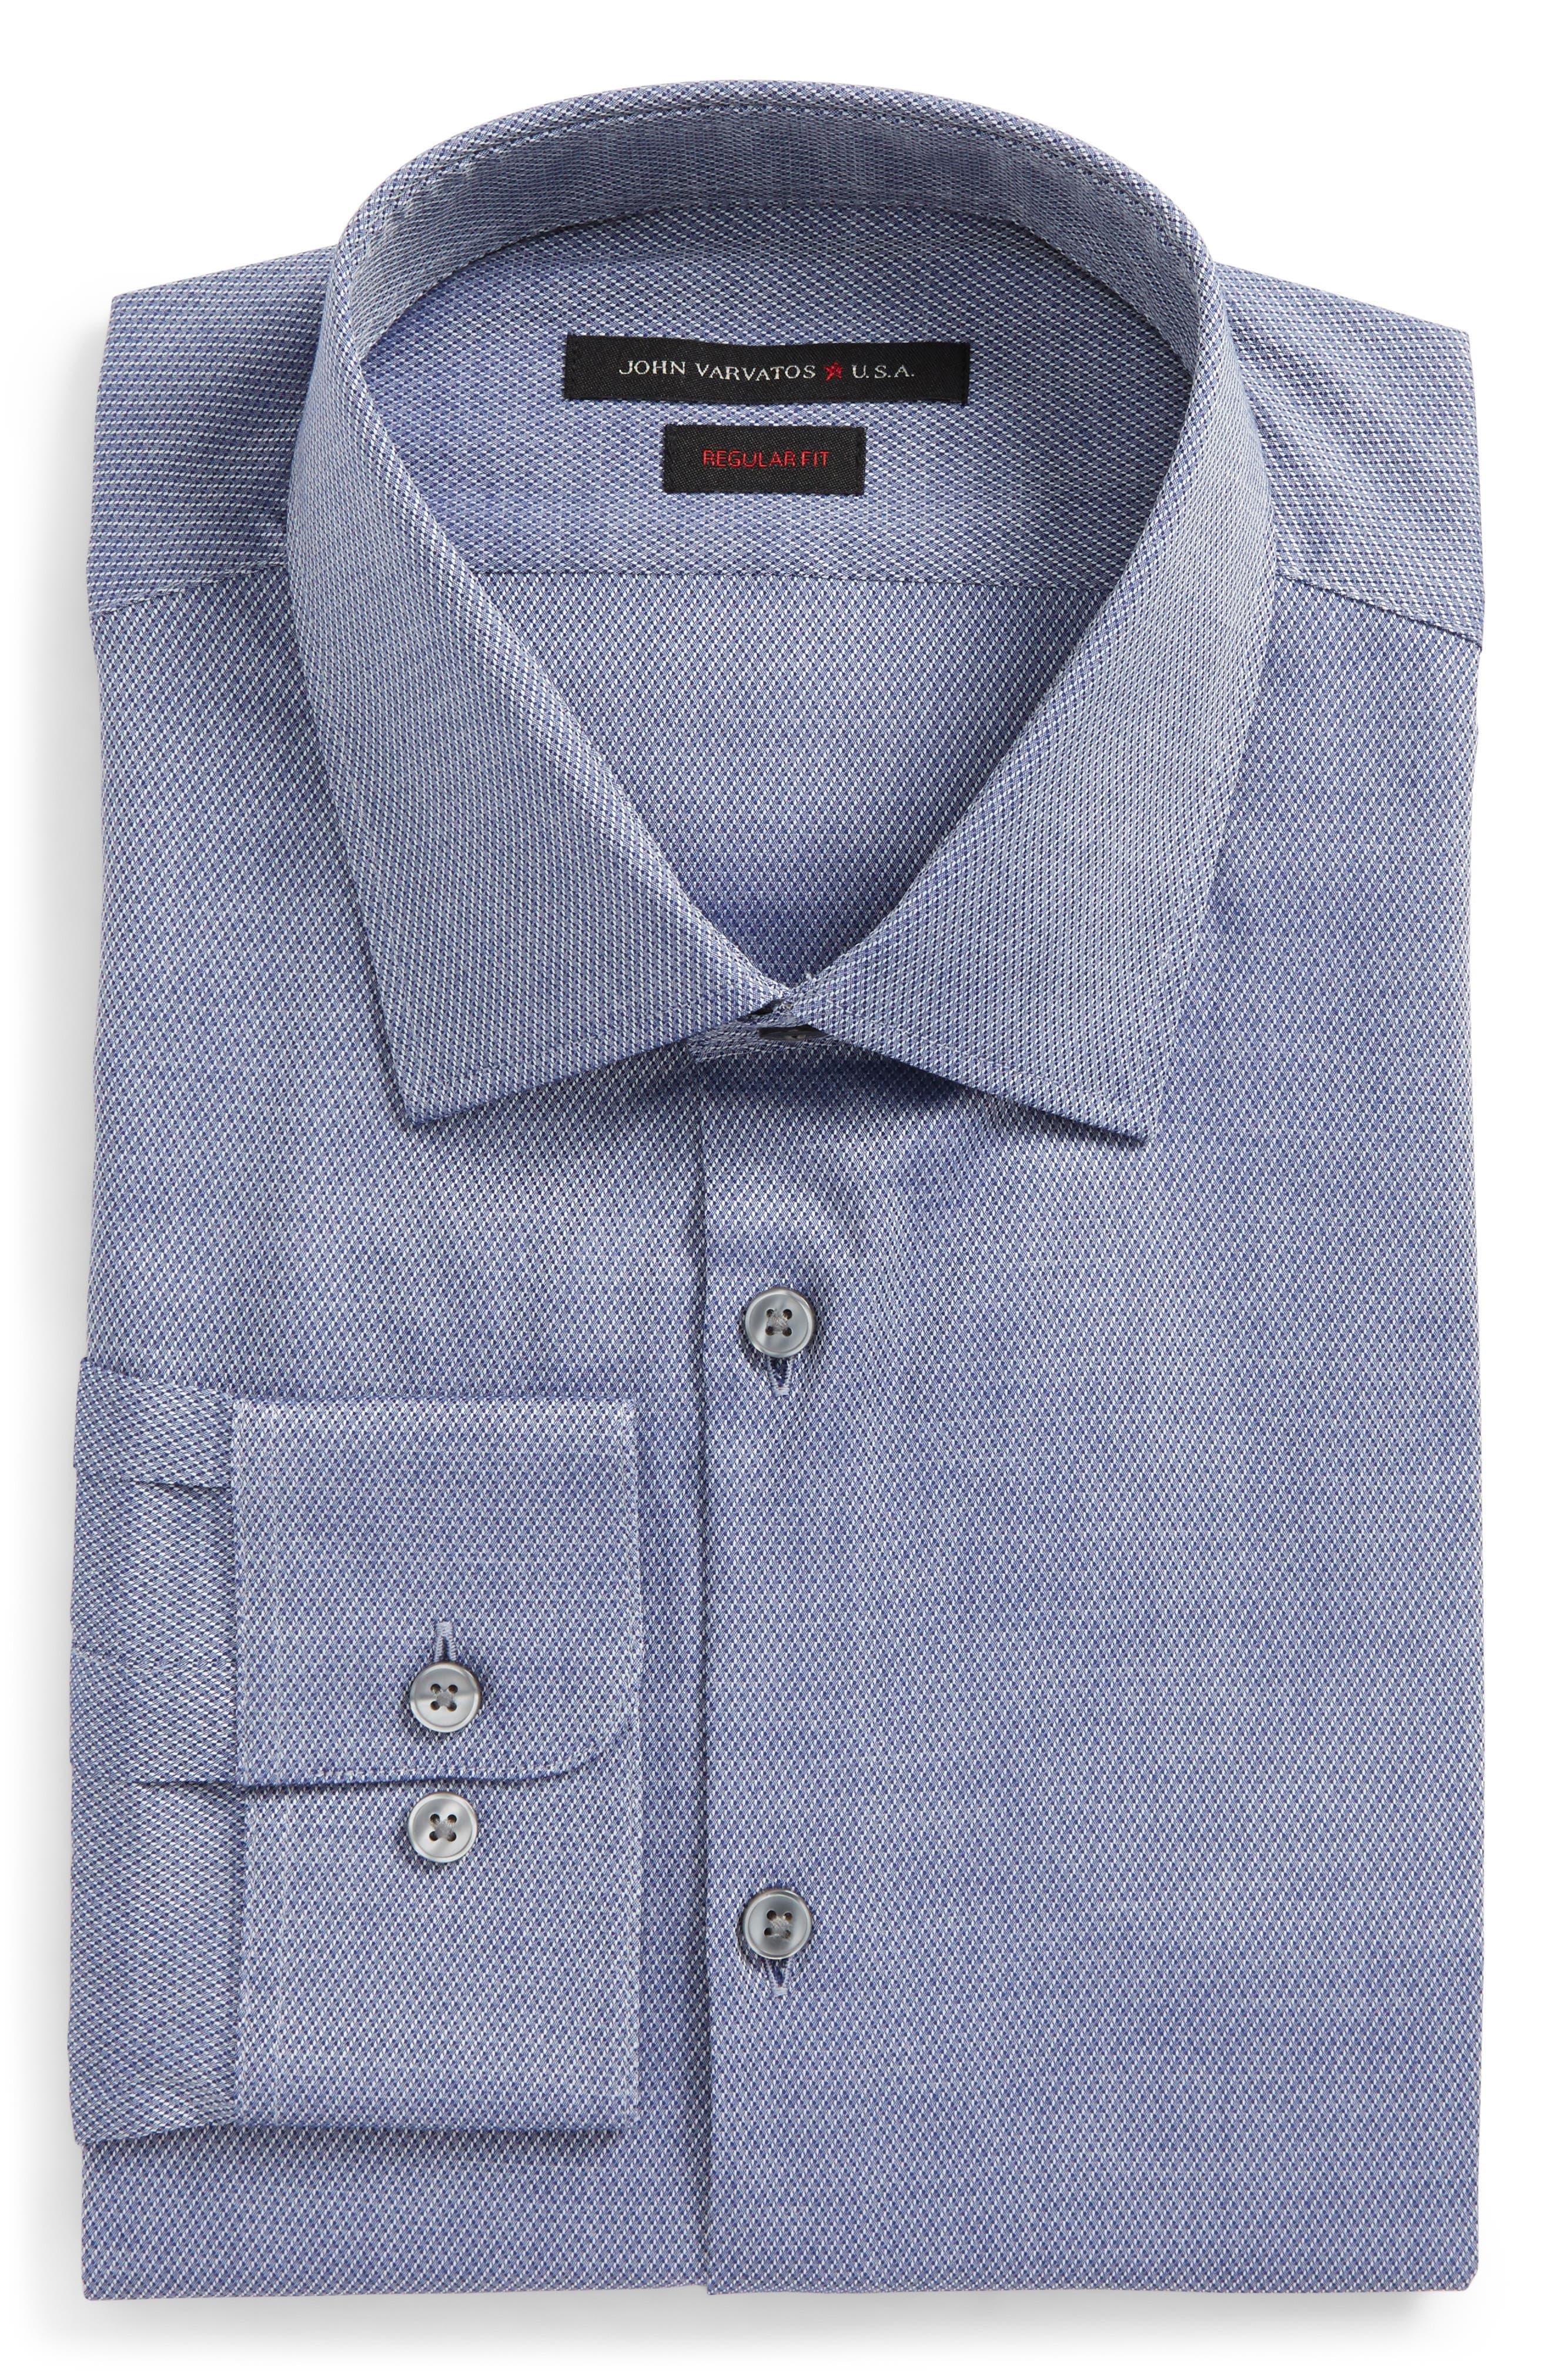 Alternate Image 1 Selected - John Varvatos Star USA Regular Fit Dress Shirt